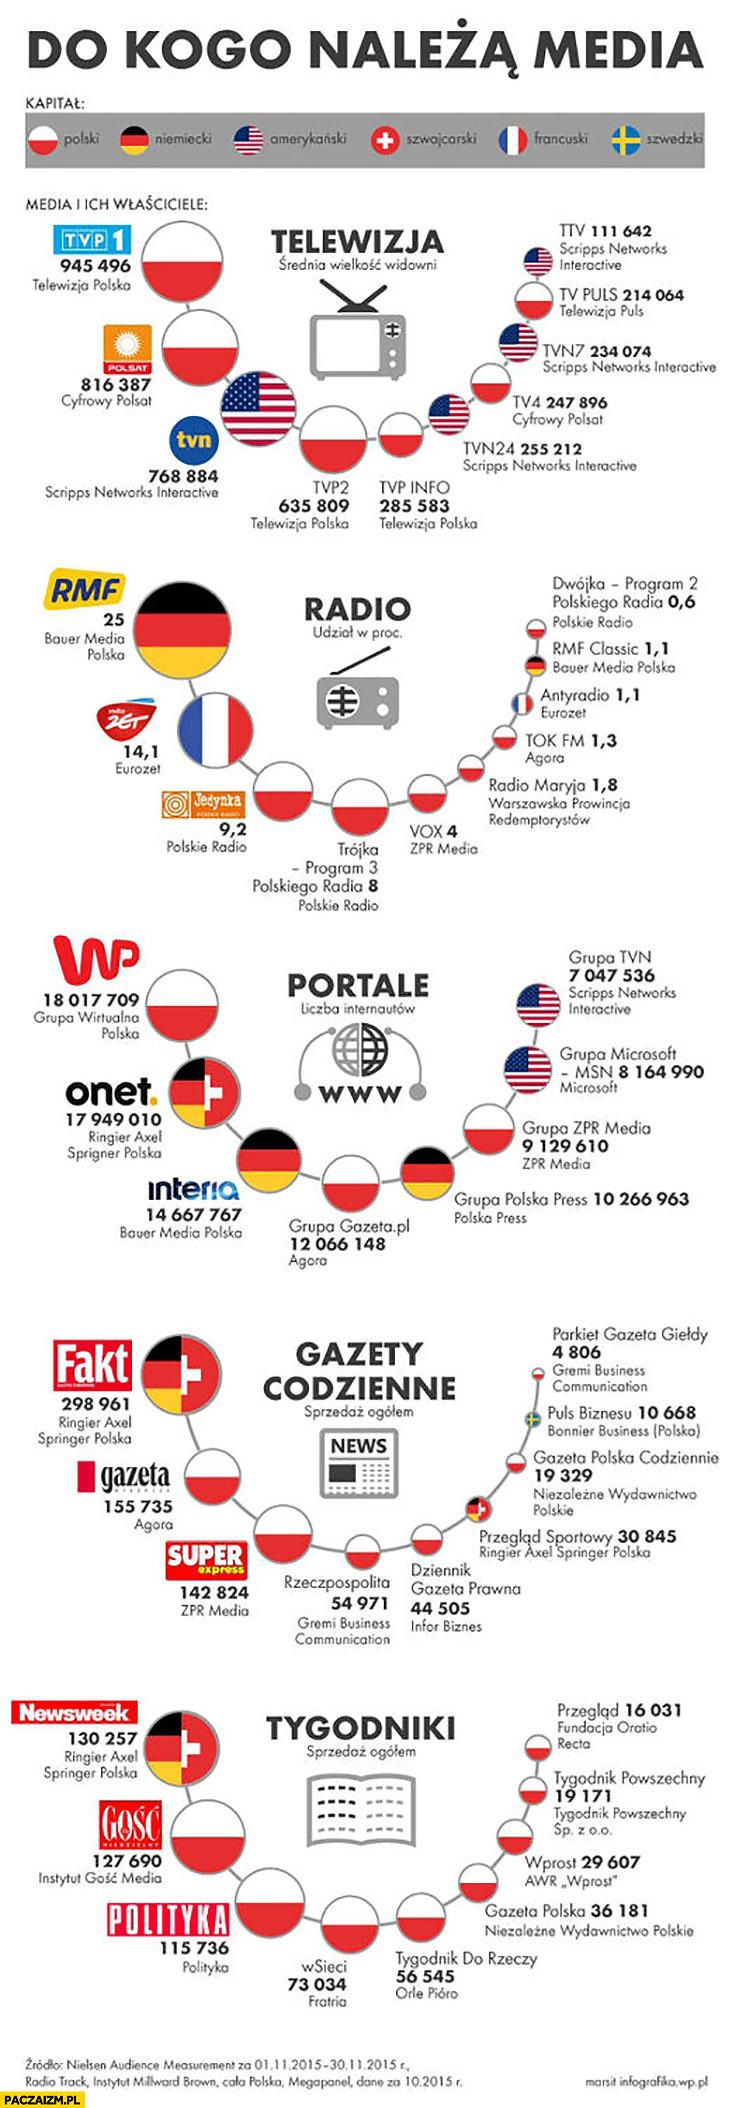 Do kogo należą media w Polsce infografika telewizja, radio, portale, gazety codzienne, tygodniki